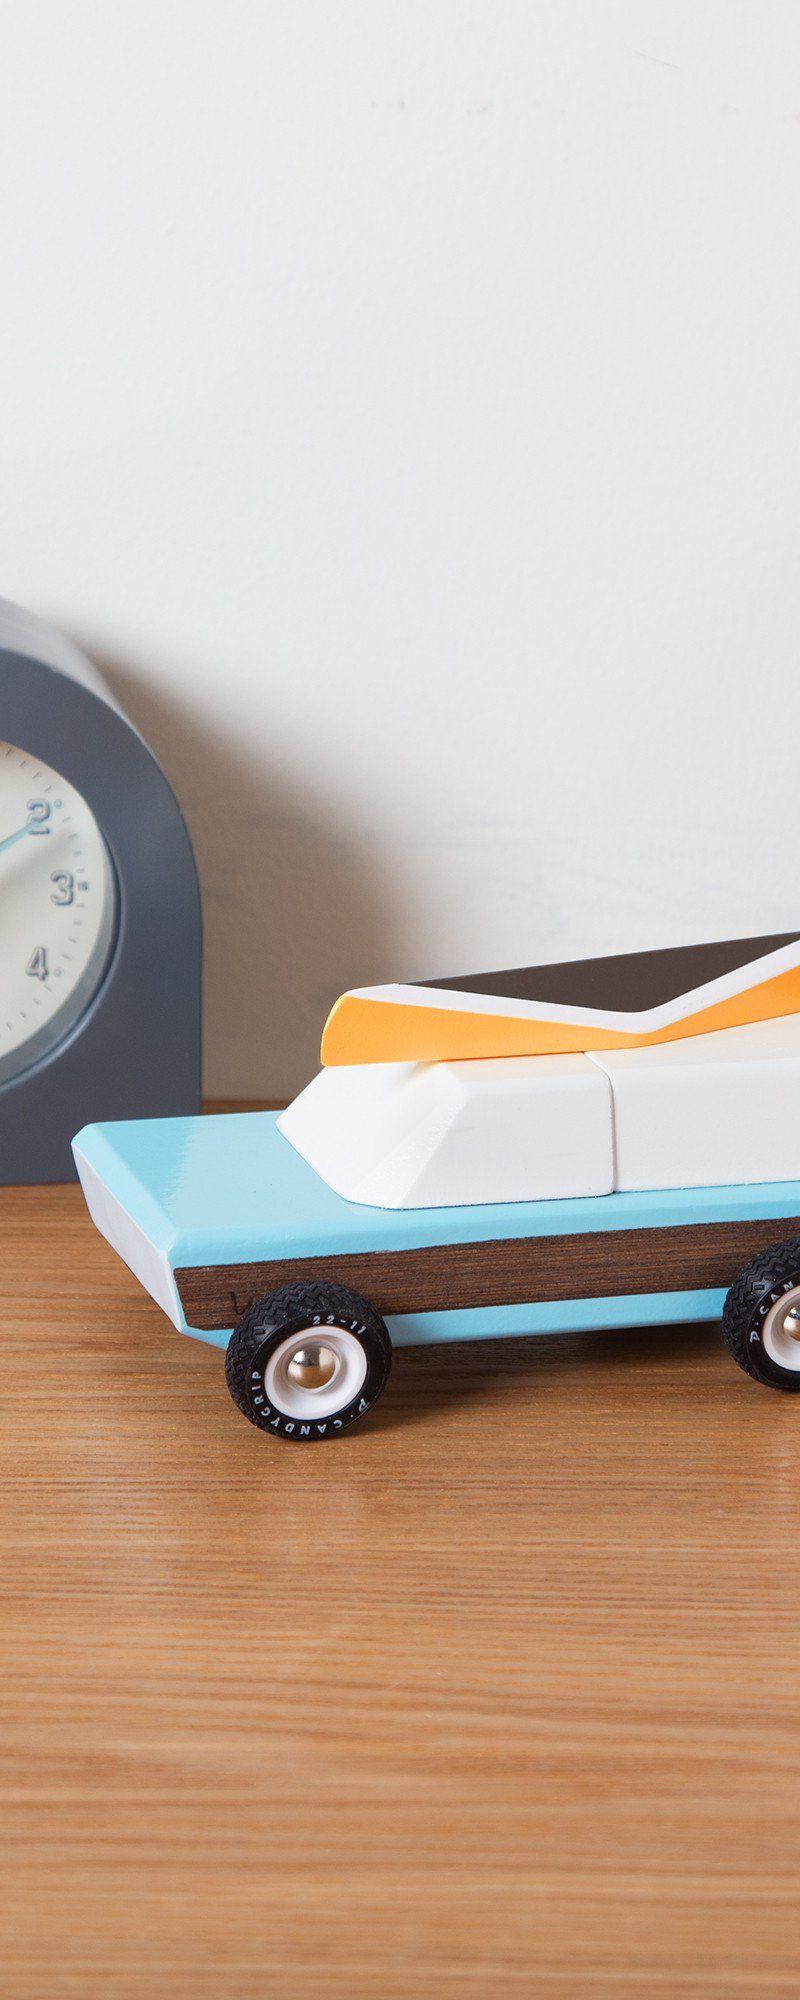 Little car toys  Vintage Model Camper by Candylab Toys  Little Kiddos  Pinterest